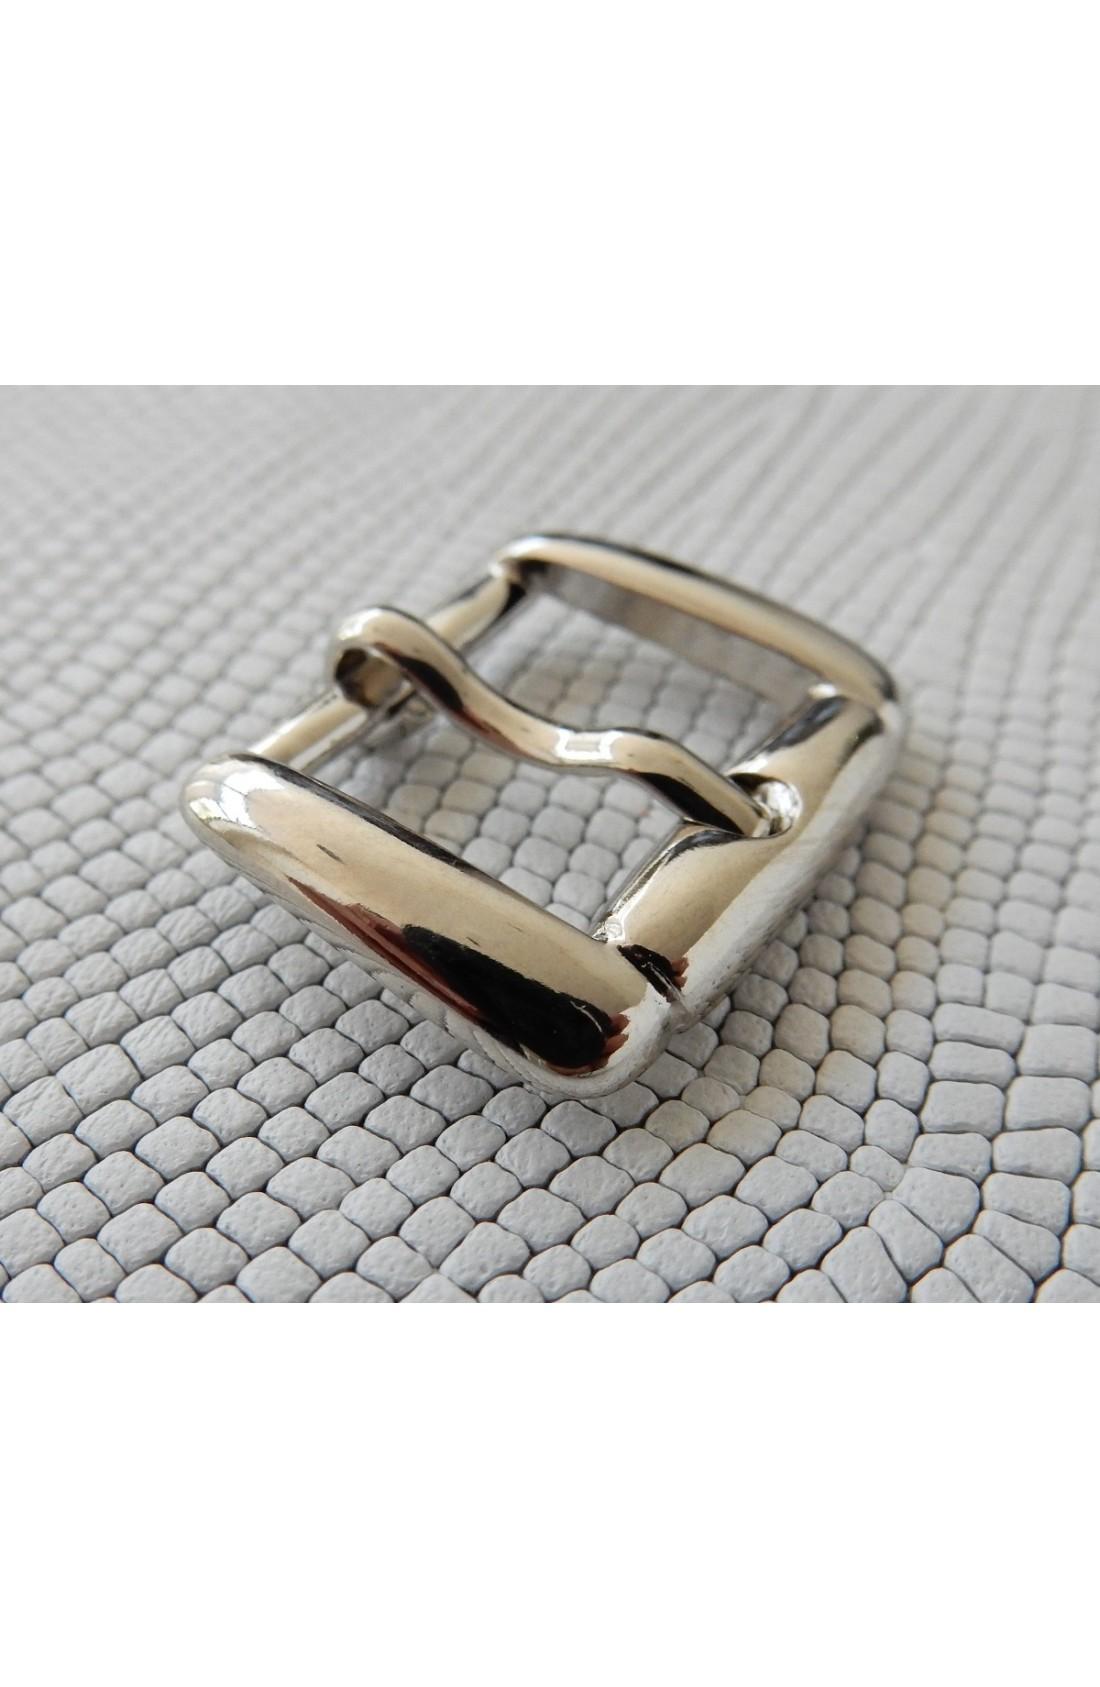 Fibbia Standard I 205 mm.15 nikel free (3)